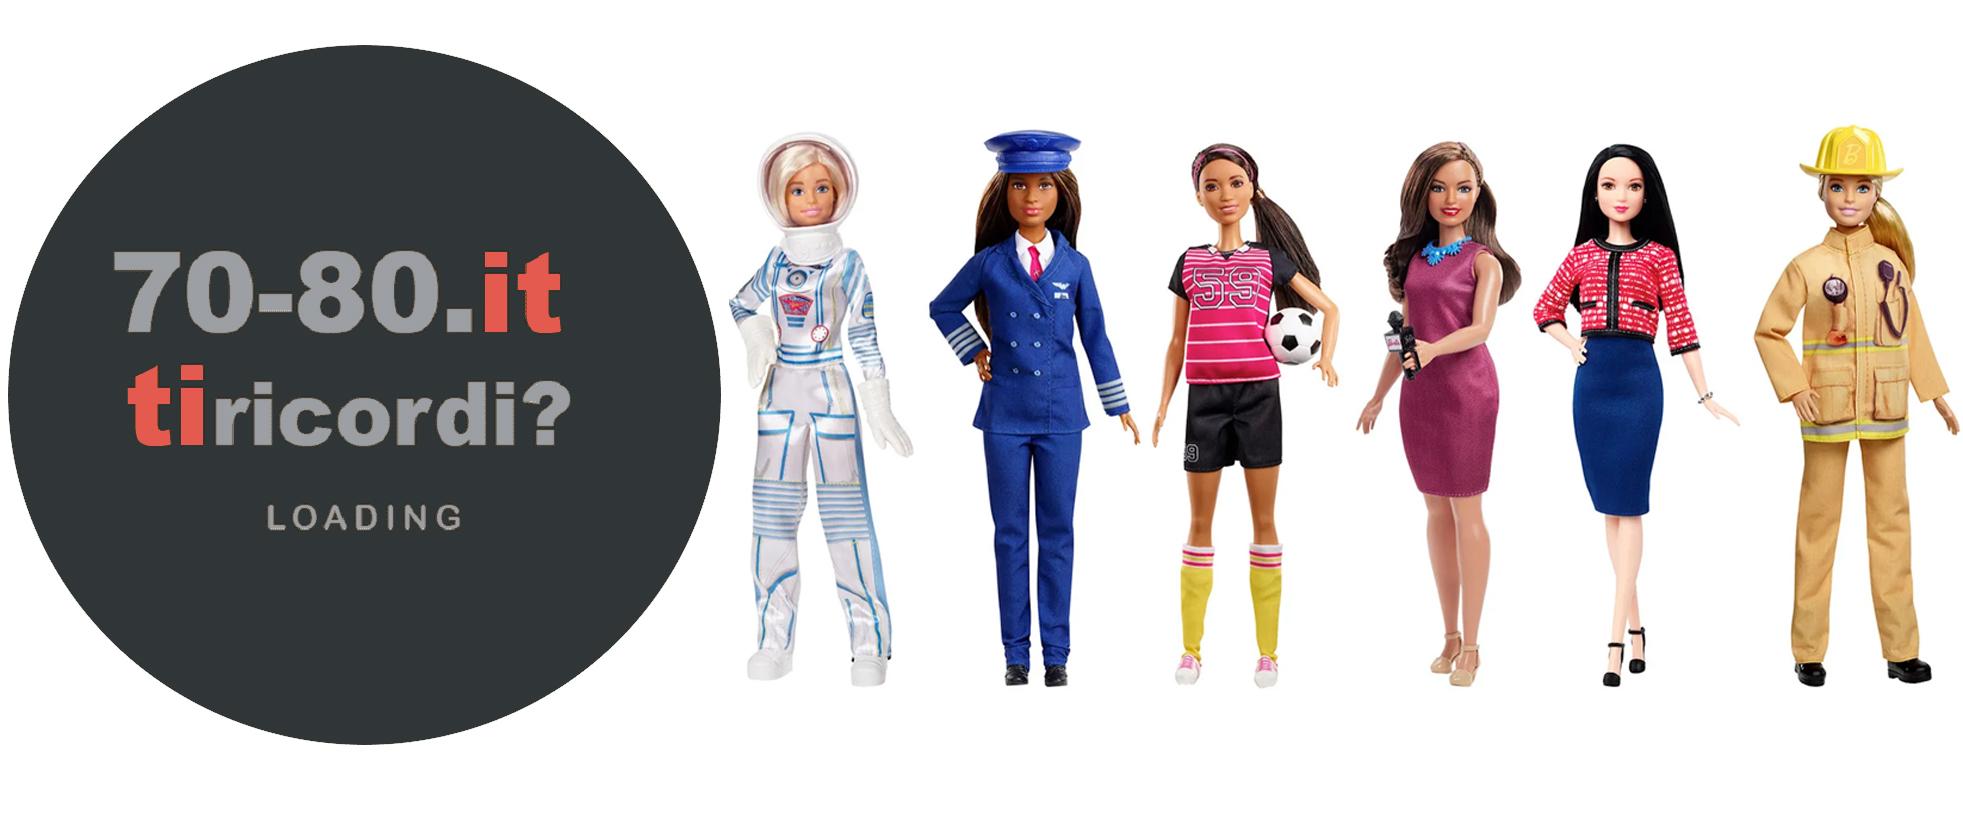 barbie career woman